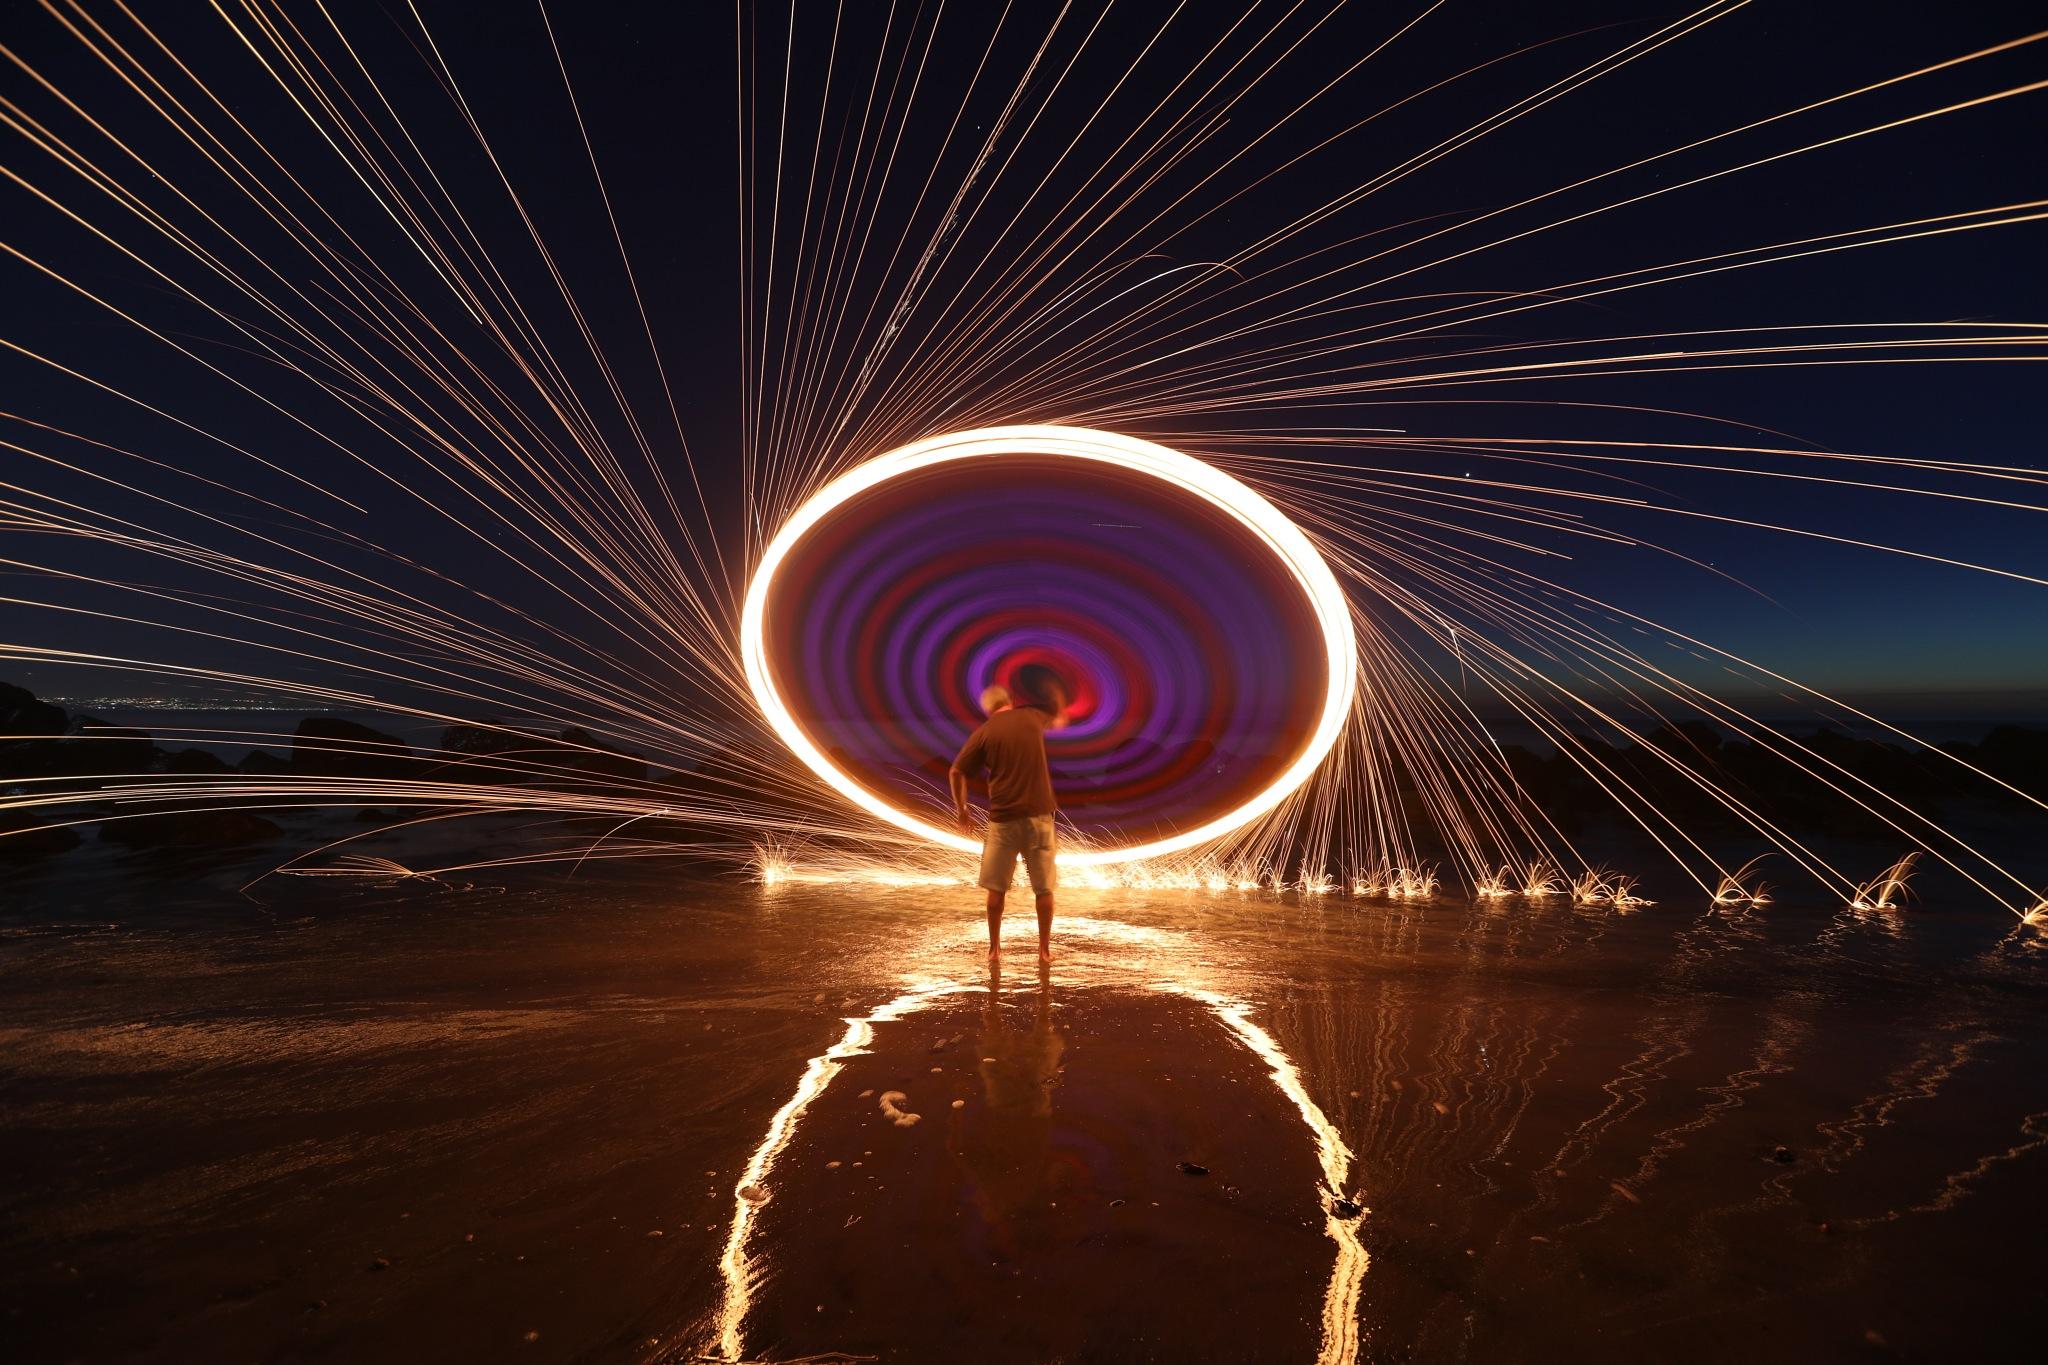 Coronado Red 2 by Chris Matthew Brady